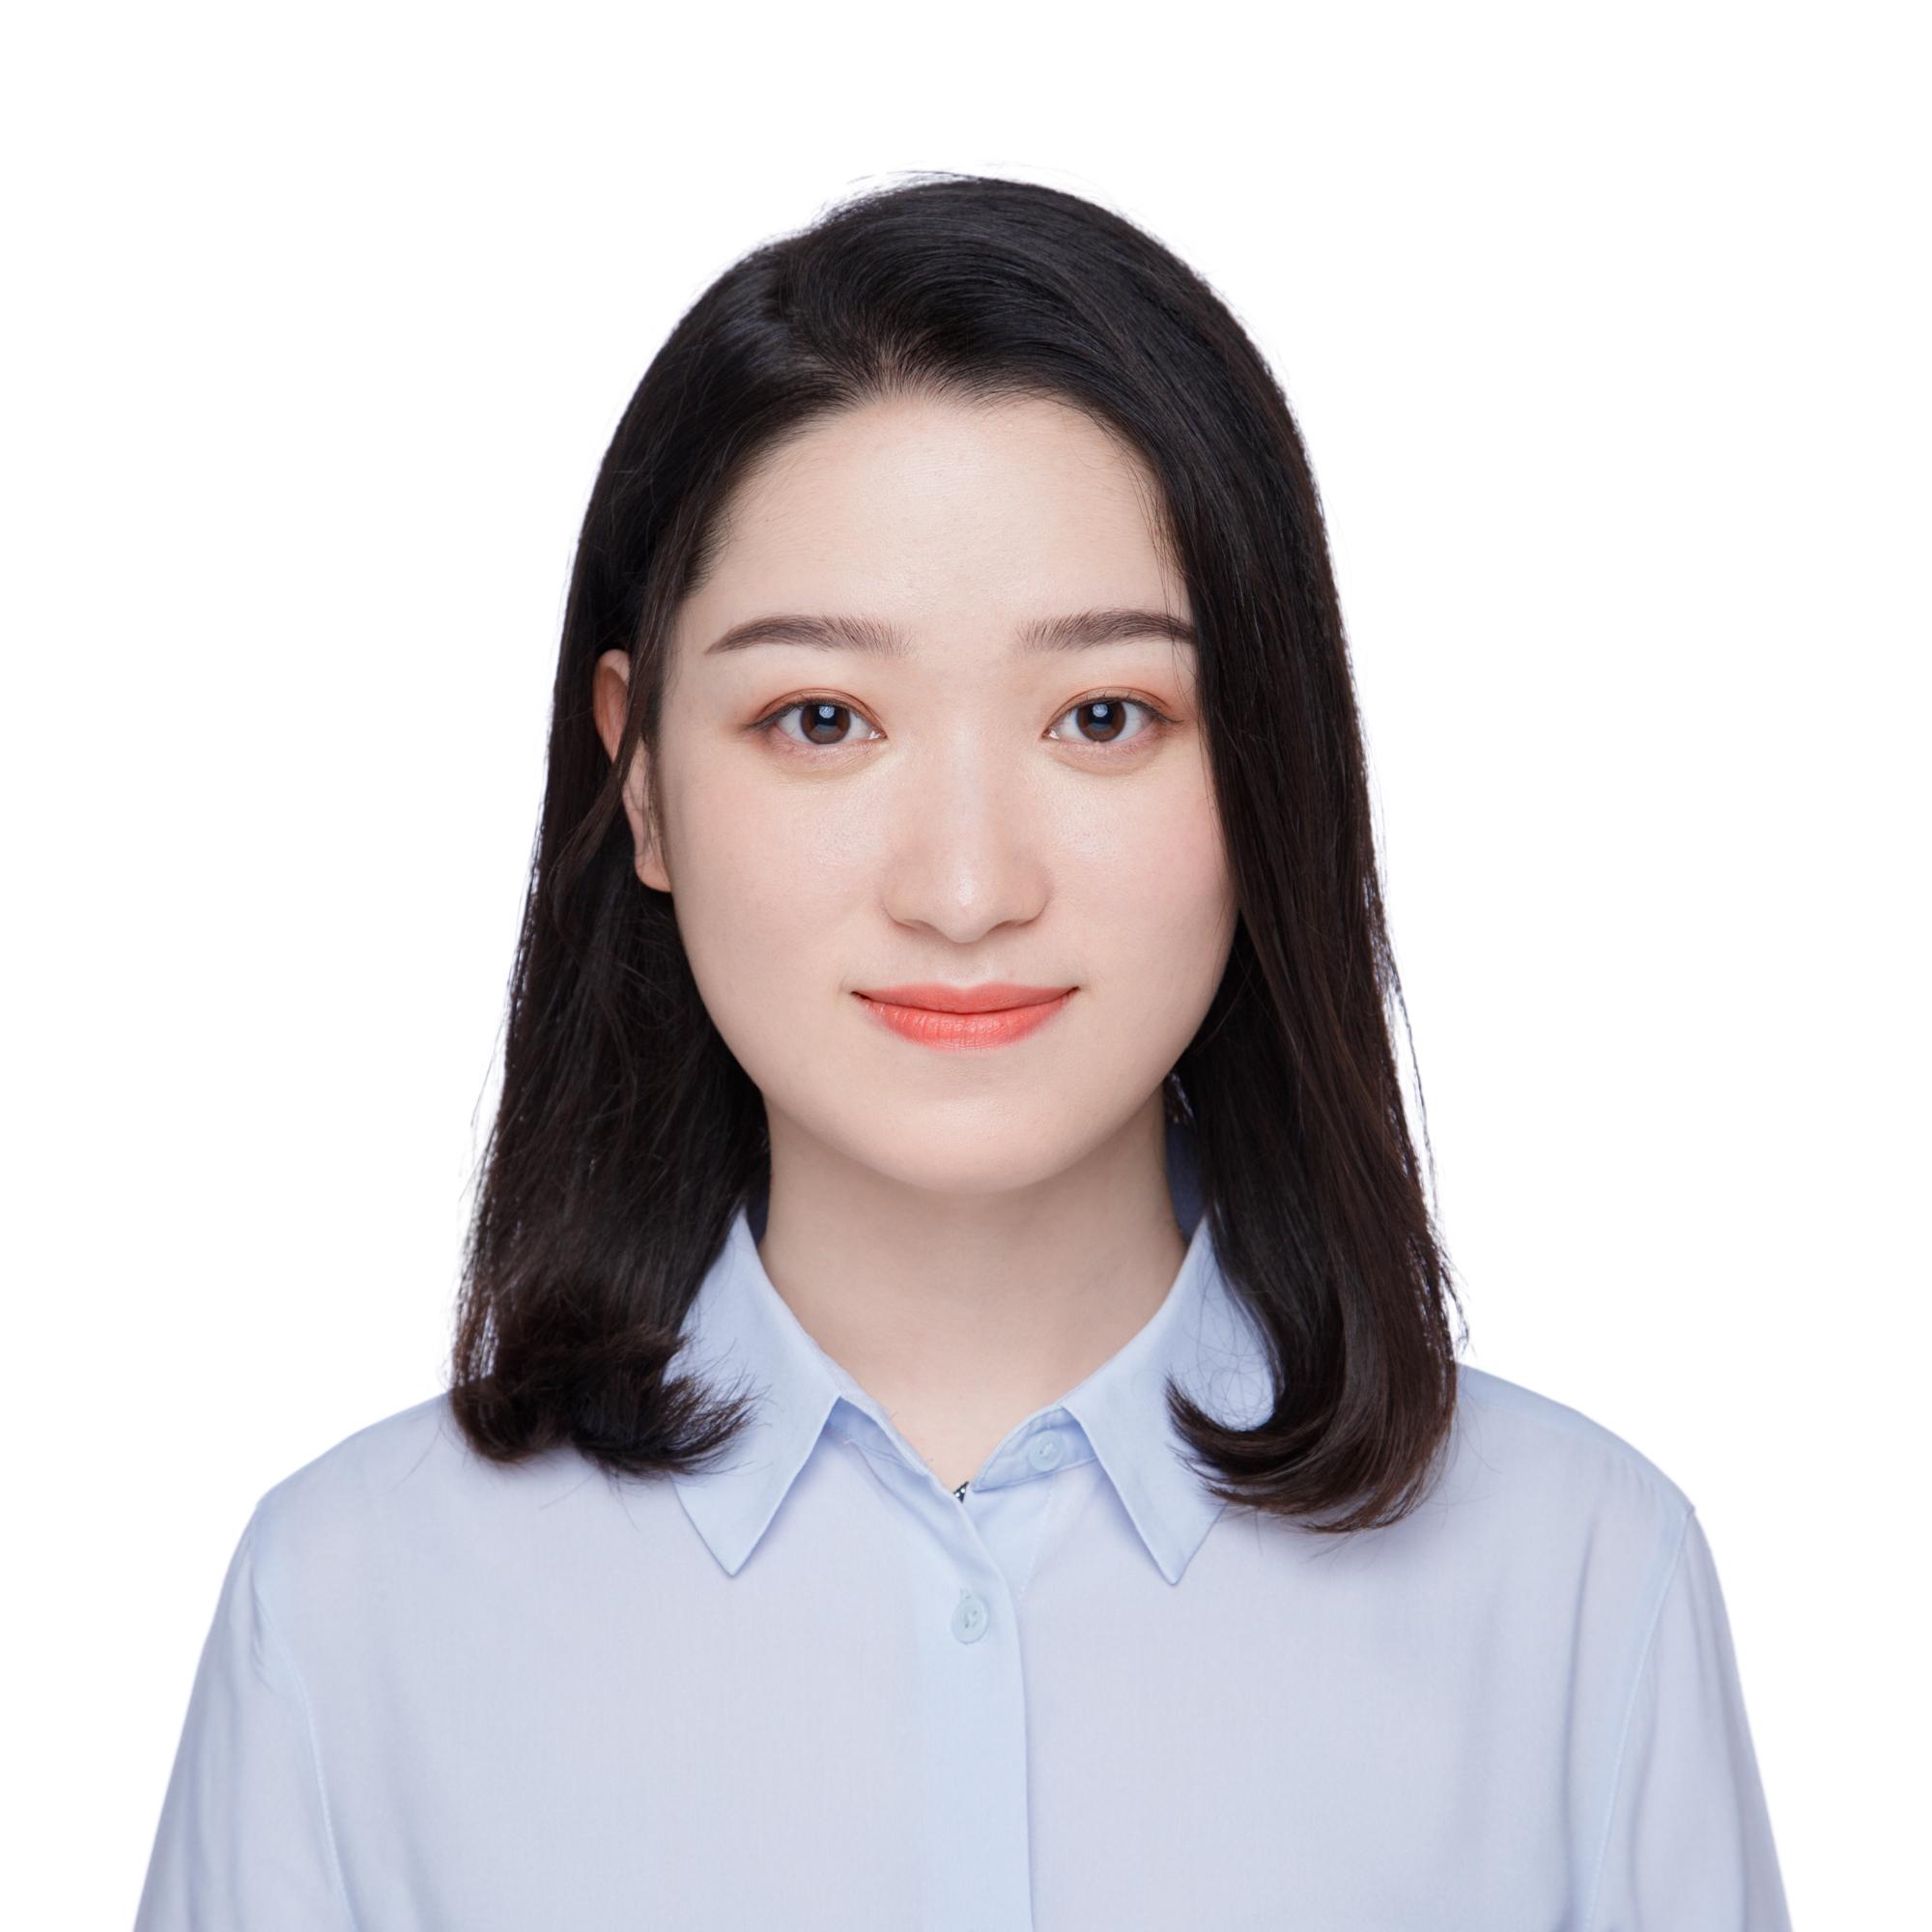 上海家教操老師